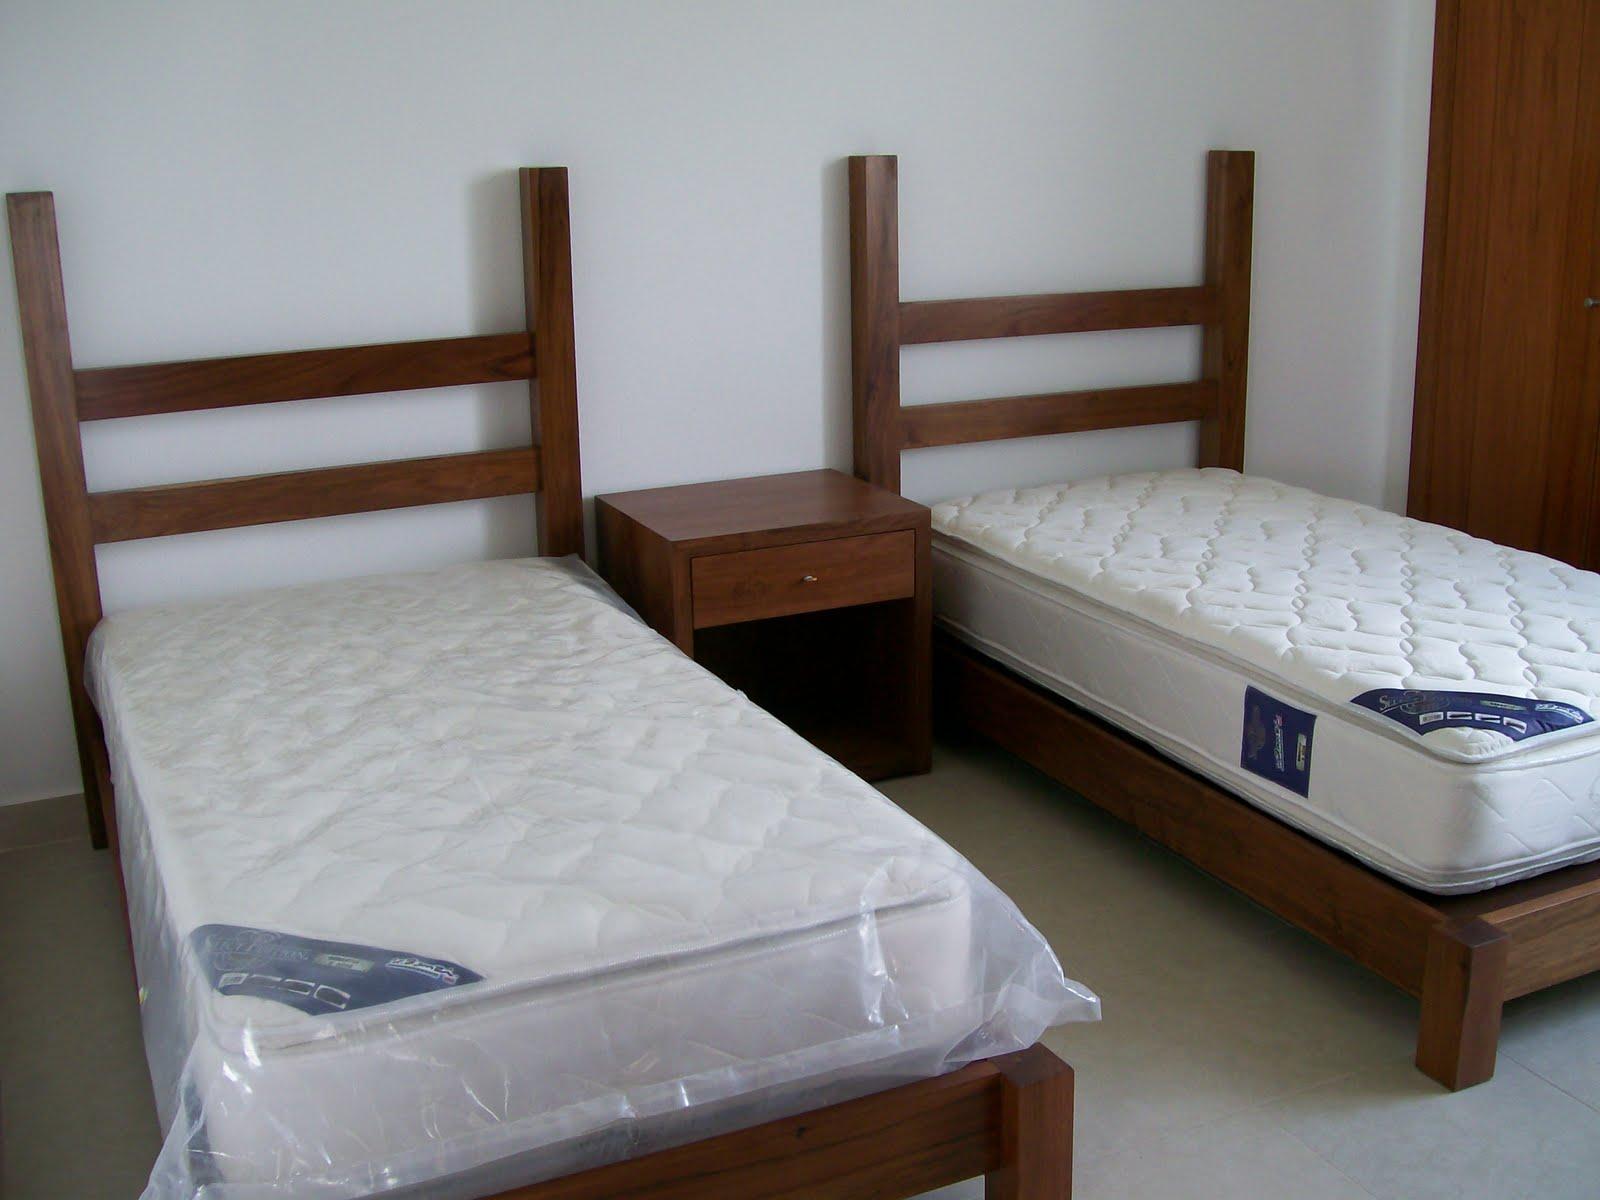 Camas gemelas individuales, fabricadas en madera solida de